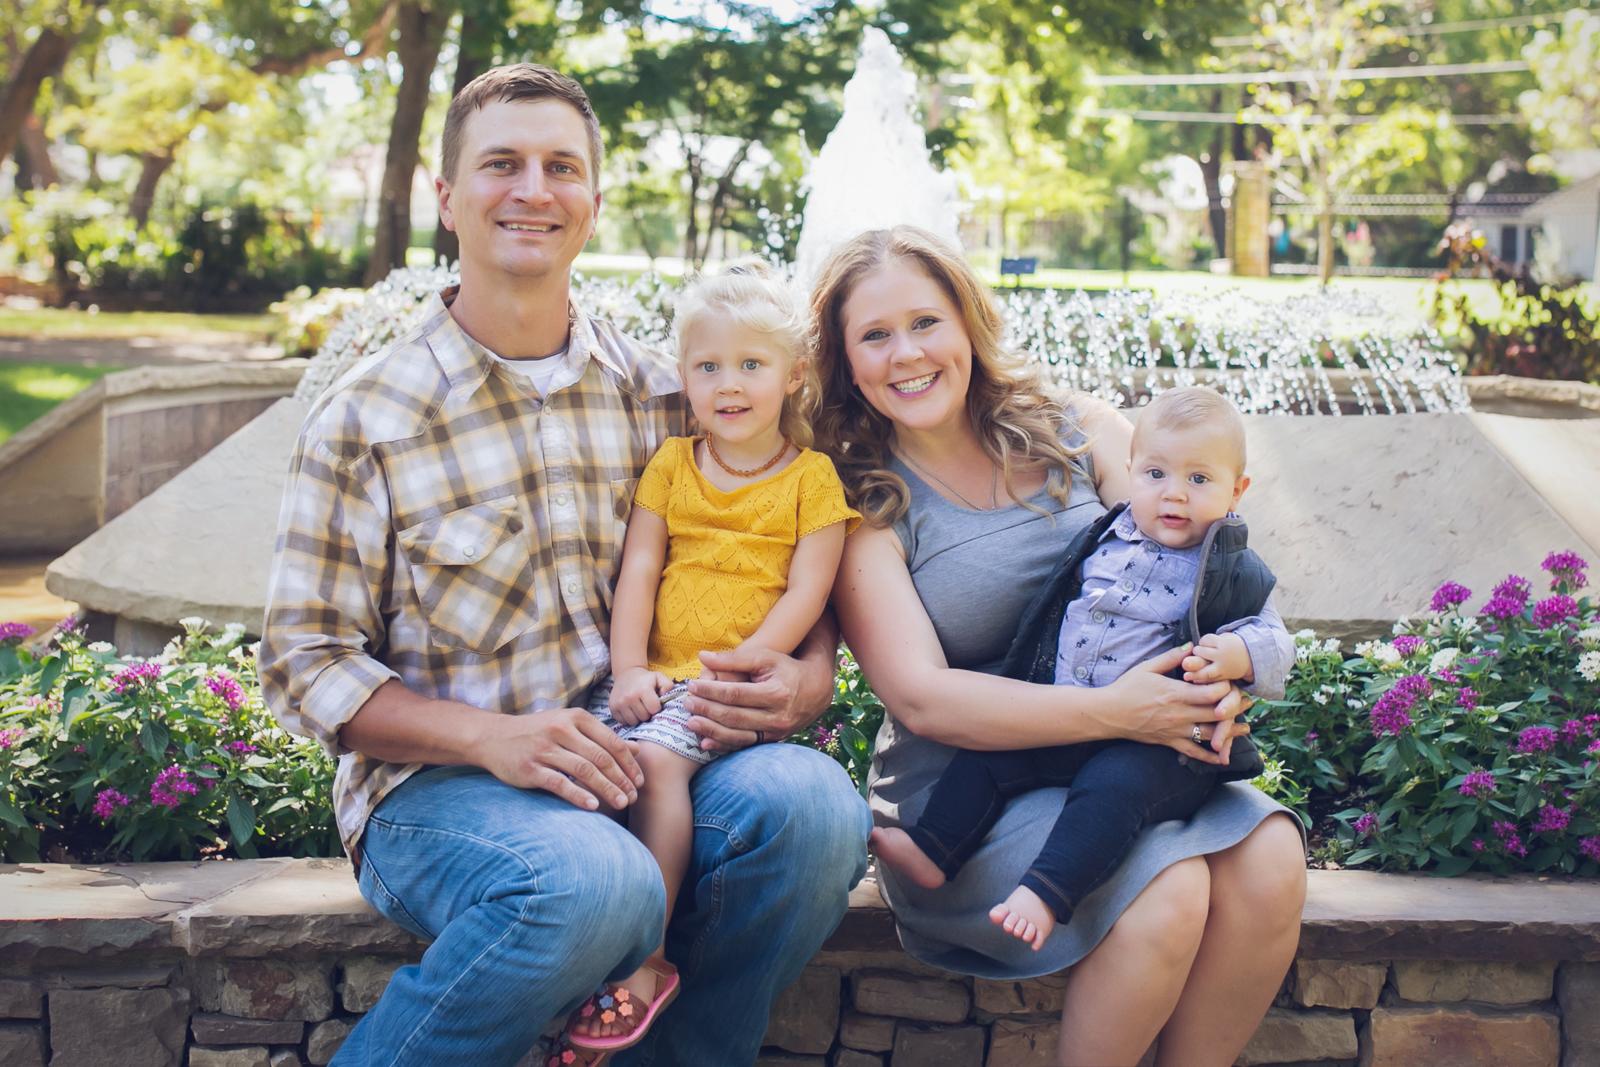 family-outdoors-light-portraits-132.JPG